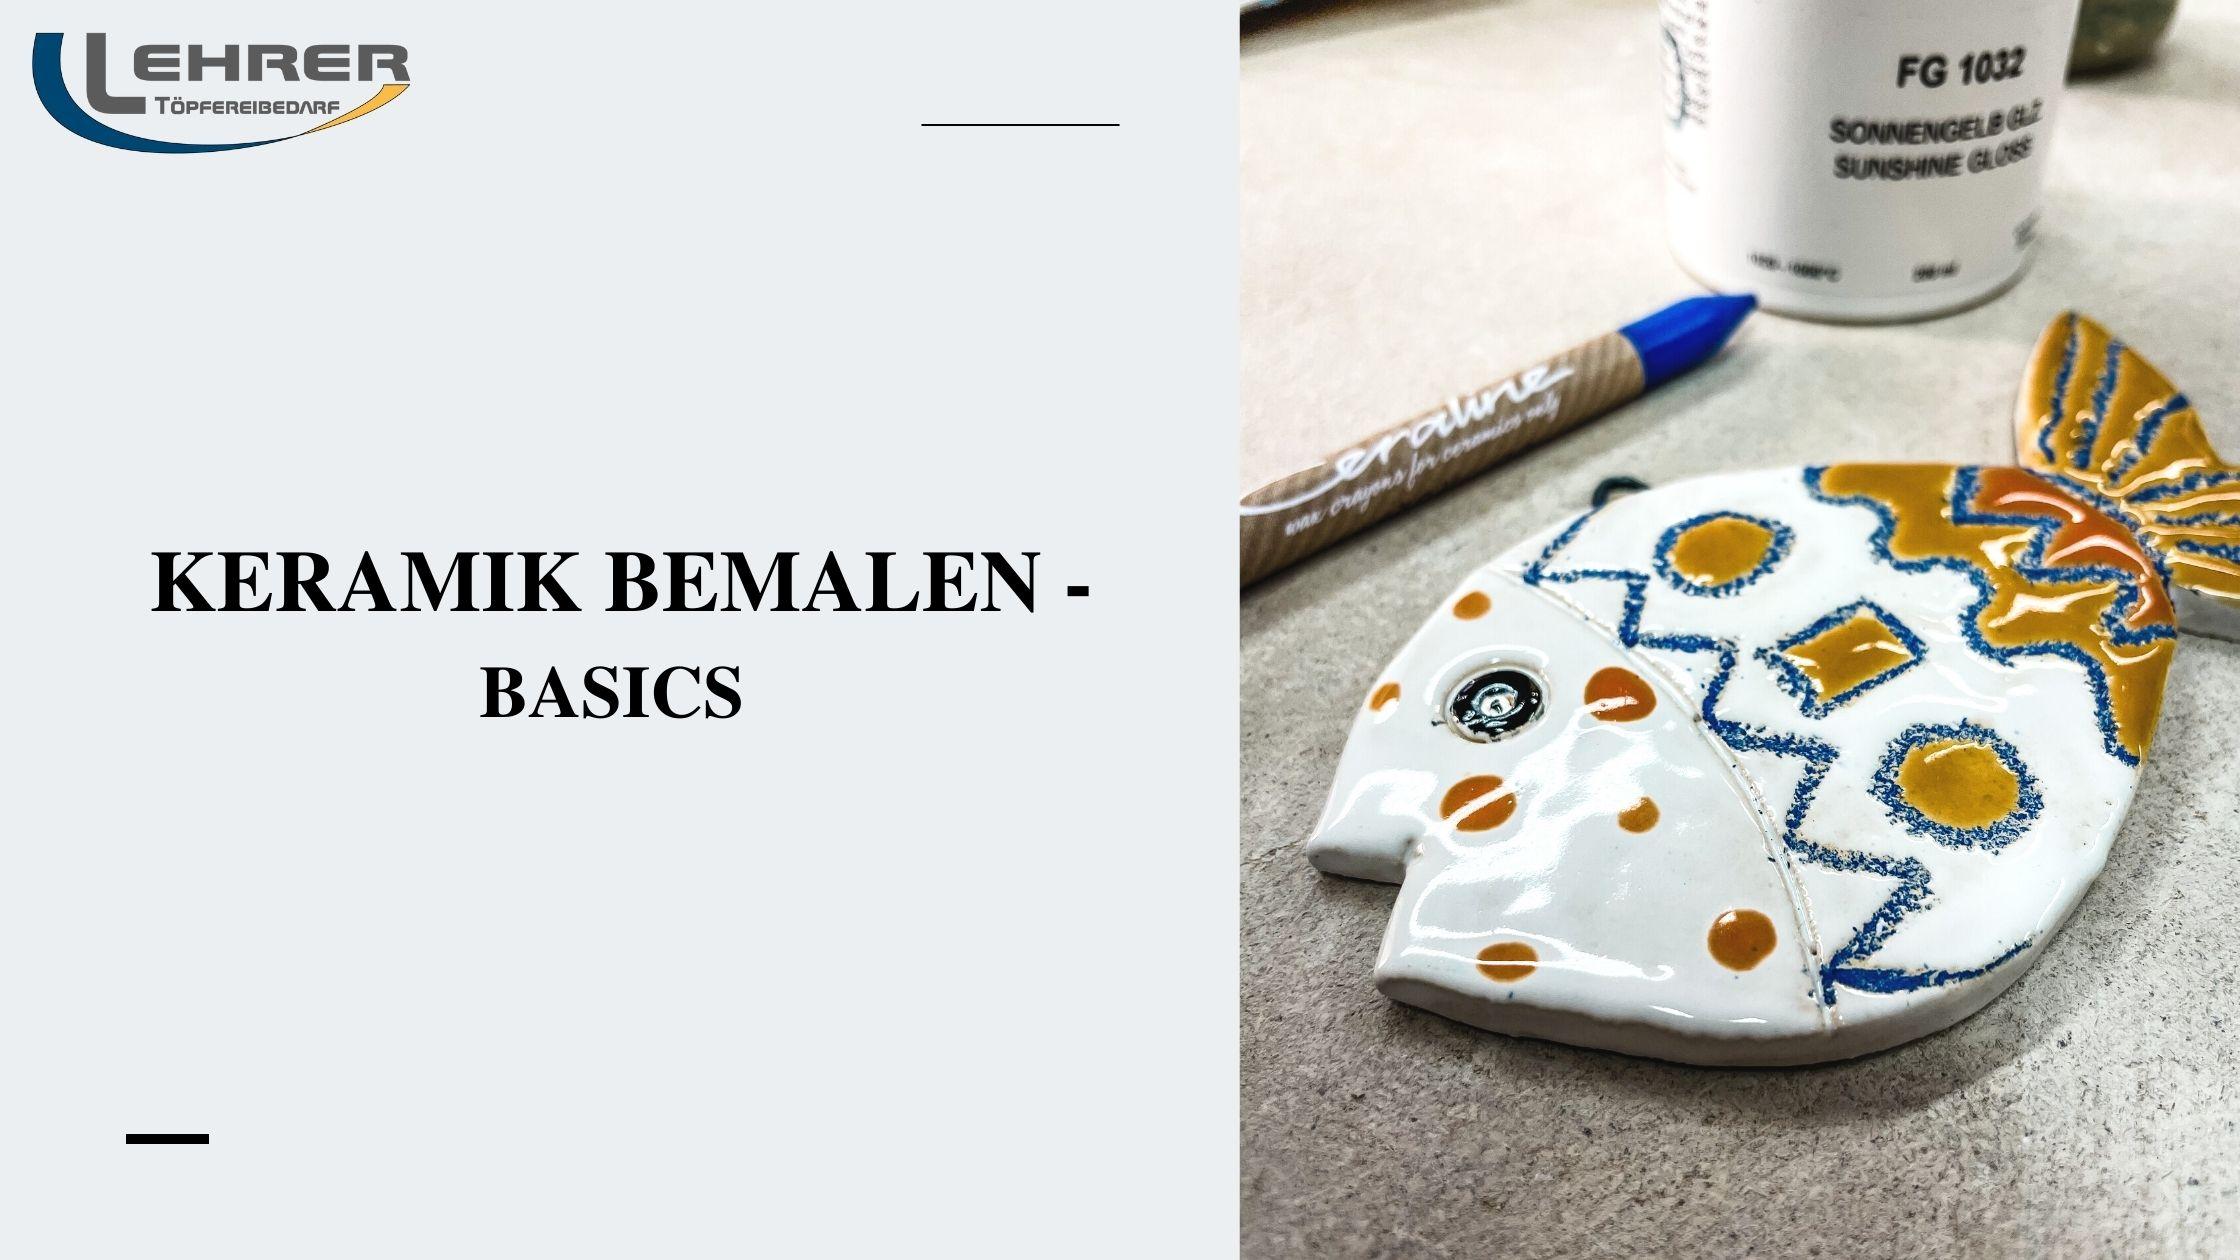 Keramik Bemalen - Basics